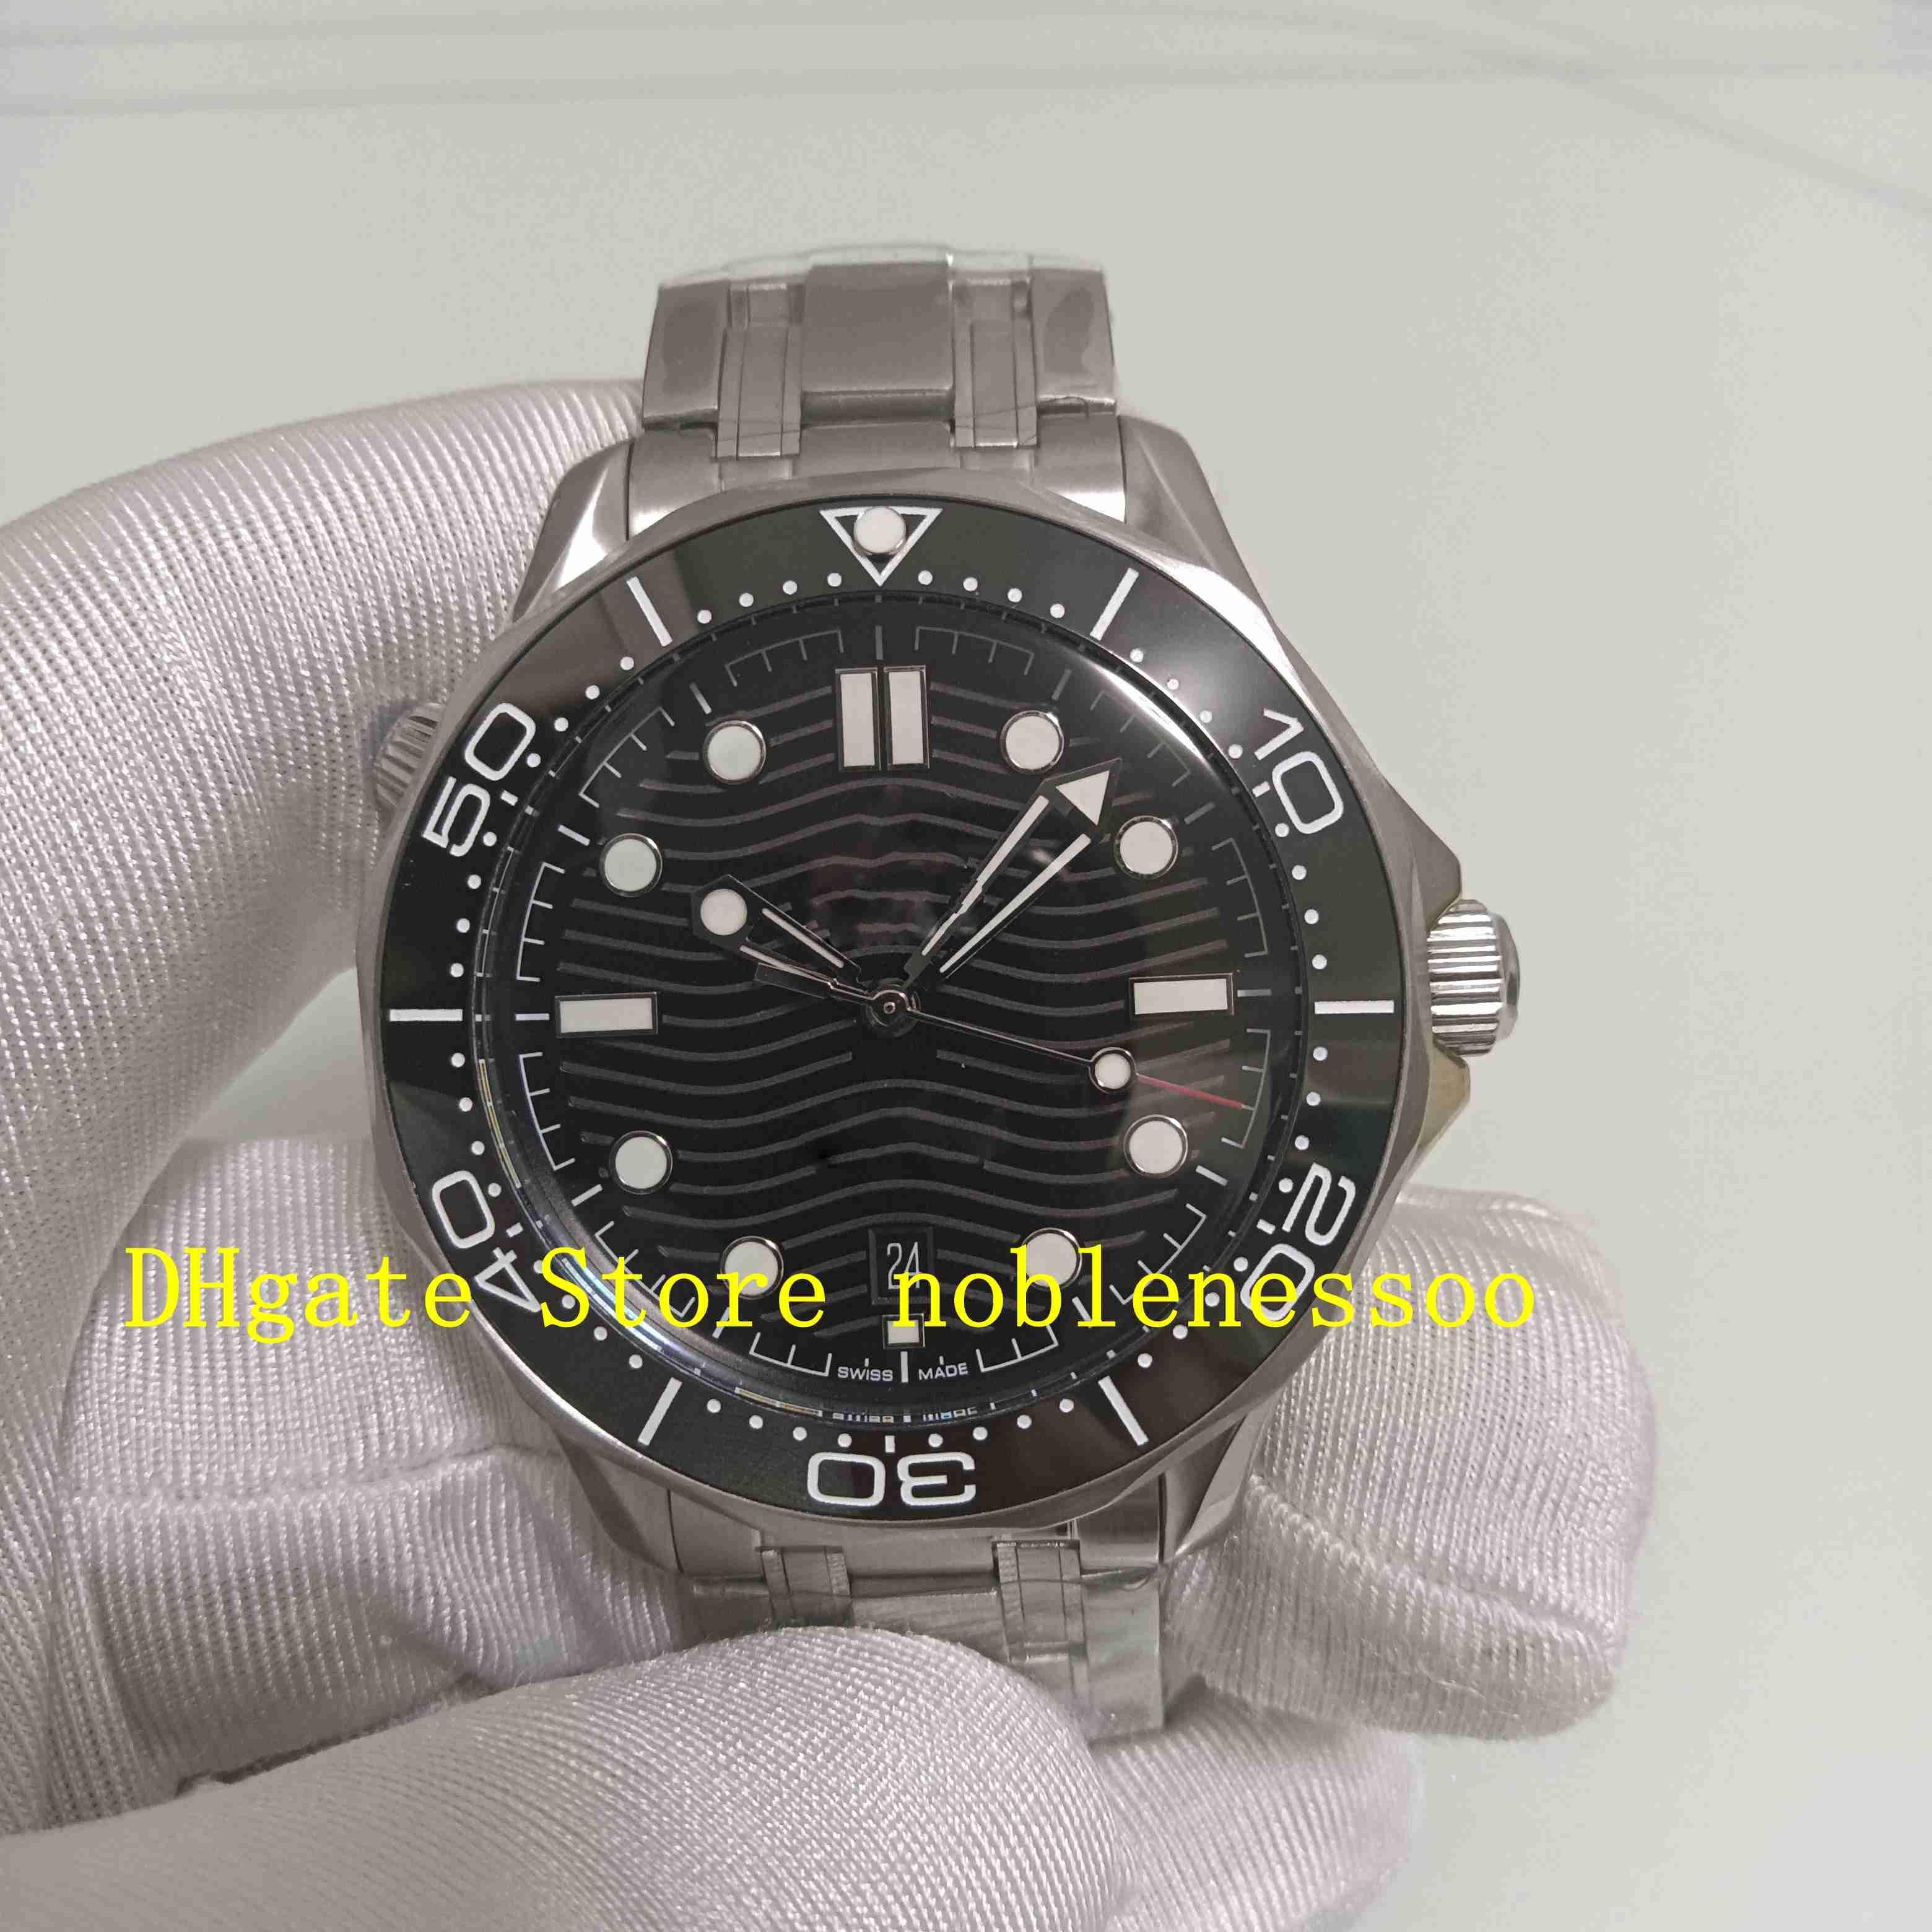 Süper Fabrika Otomatik CAL.8800 Hareketi İzle erkek Siyah Kadran 42mm Safir Cam 007 Dalgıç Spor Çelik Bilezik Mekanik Saatler Saatı